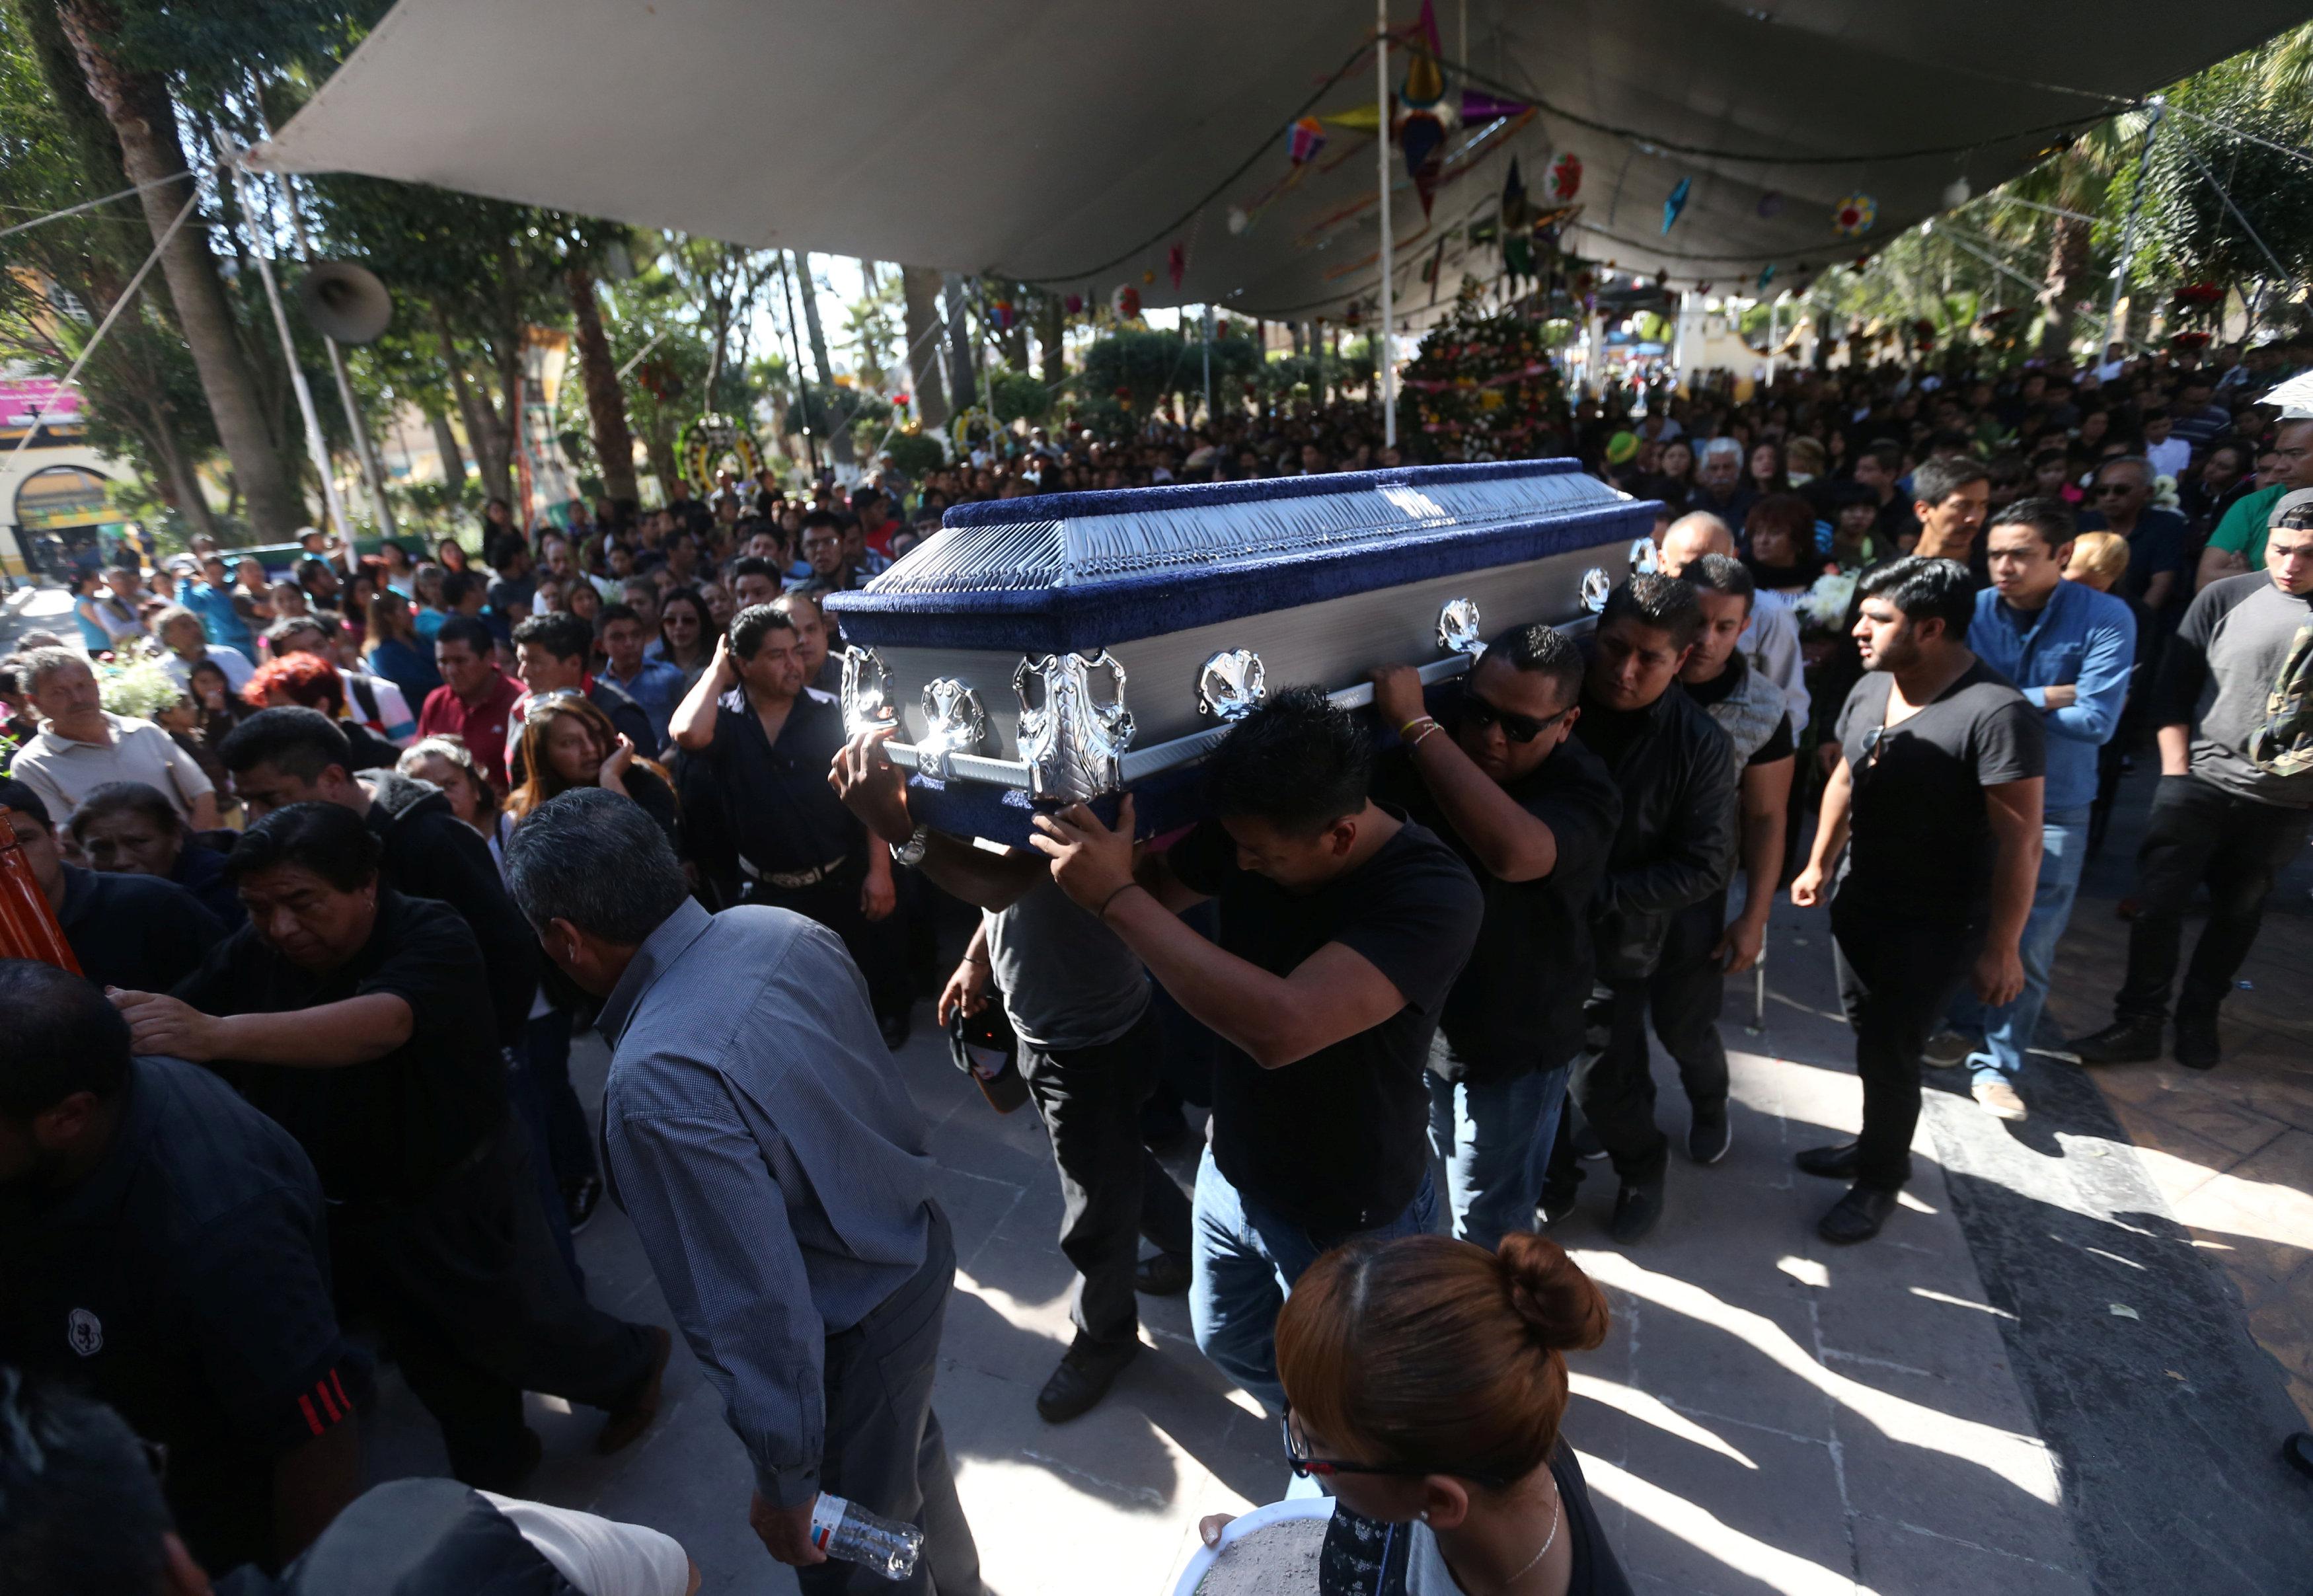 جنازة ضحايا انفجار سوق الالعاب النارية